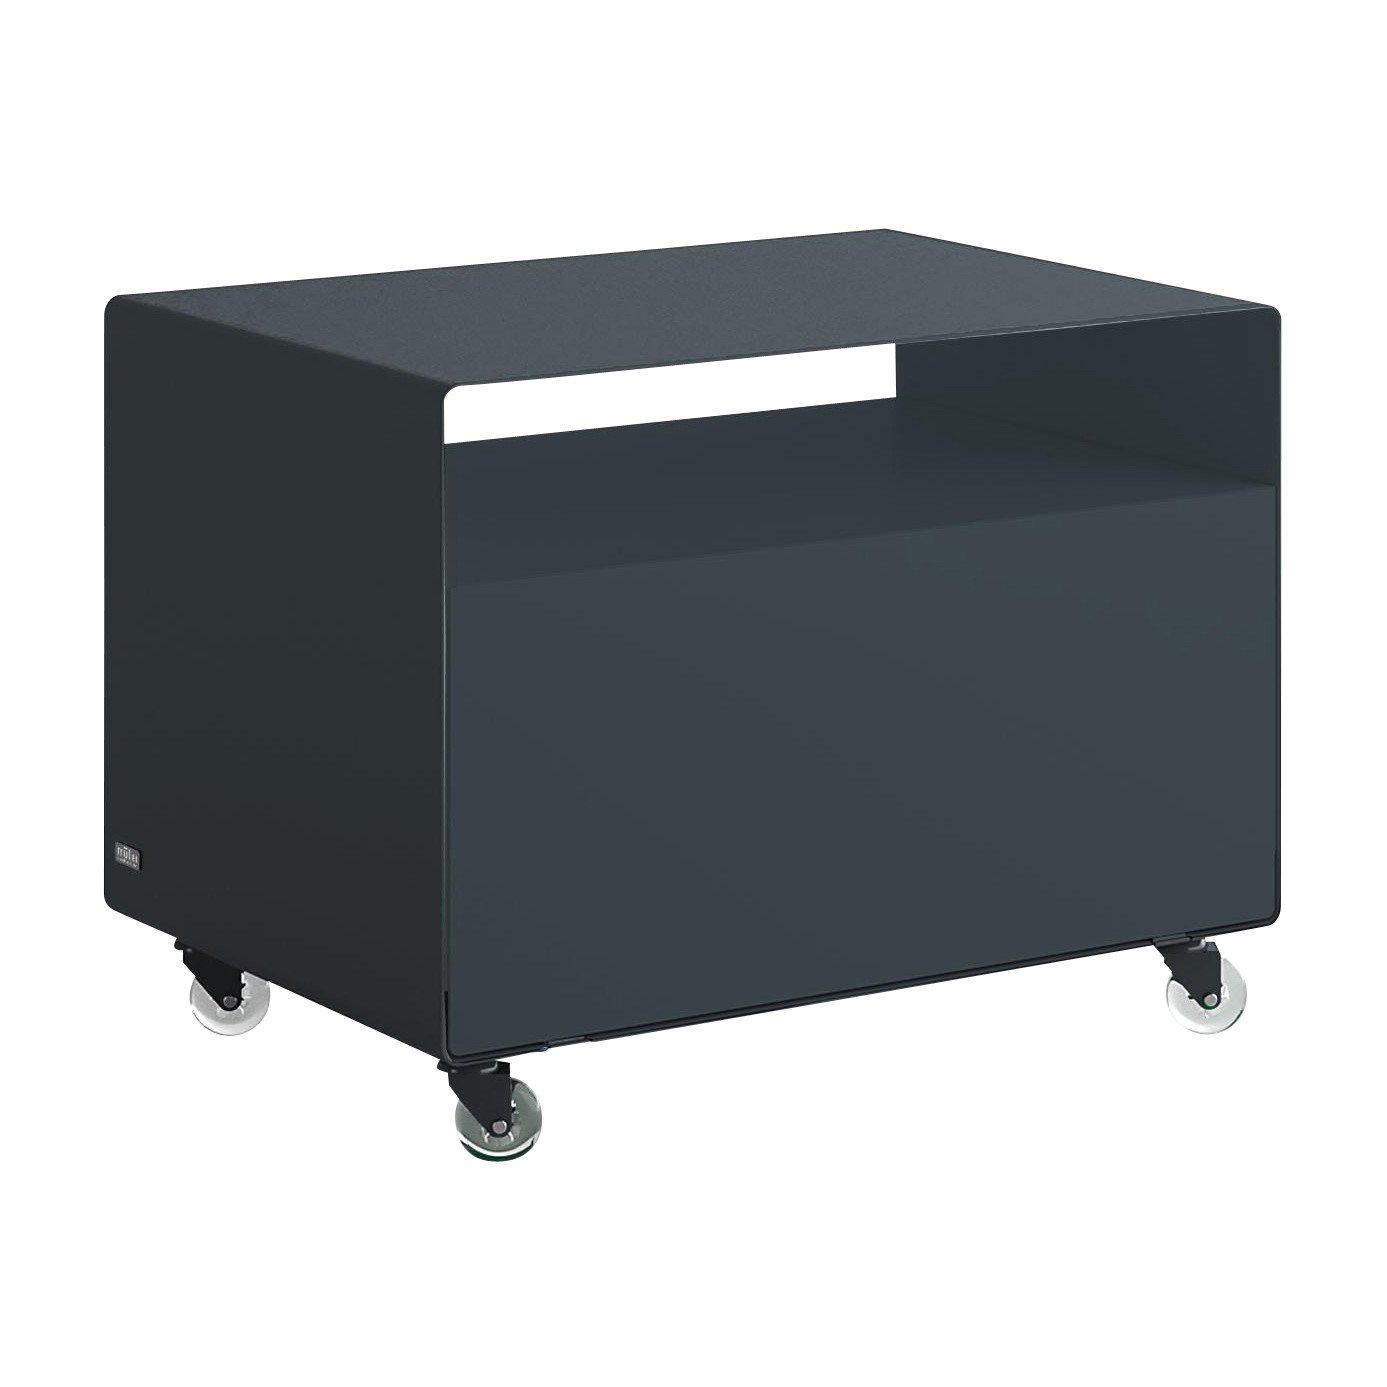 m ller m belfabrikation mobile line r 107n rollwagen mit. Black Bedroom Furniture Sets. Home Design Ideas